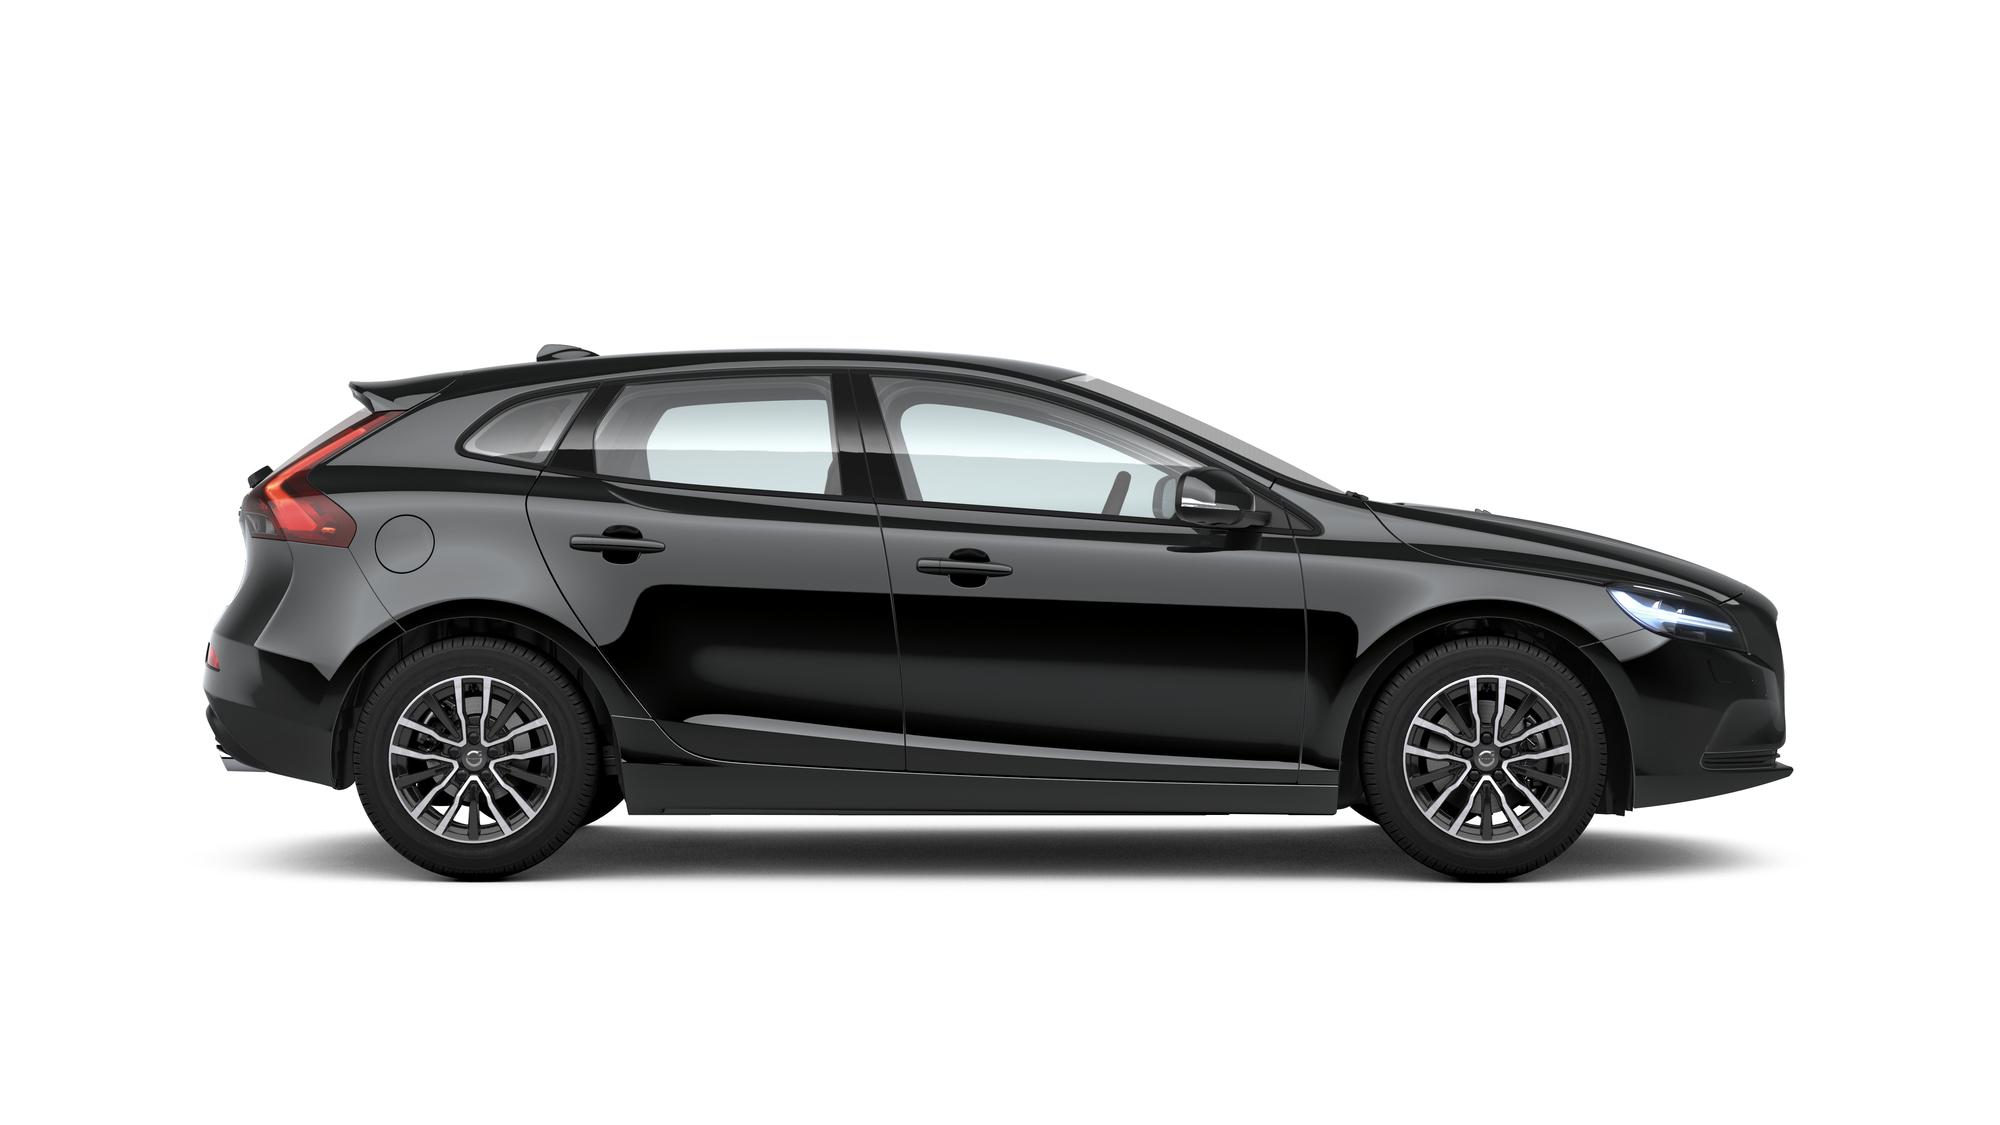 Side photo of the Volvo V40 in Black